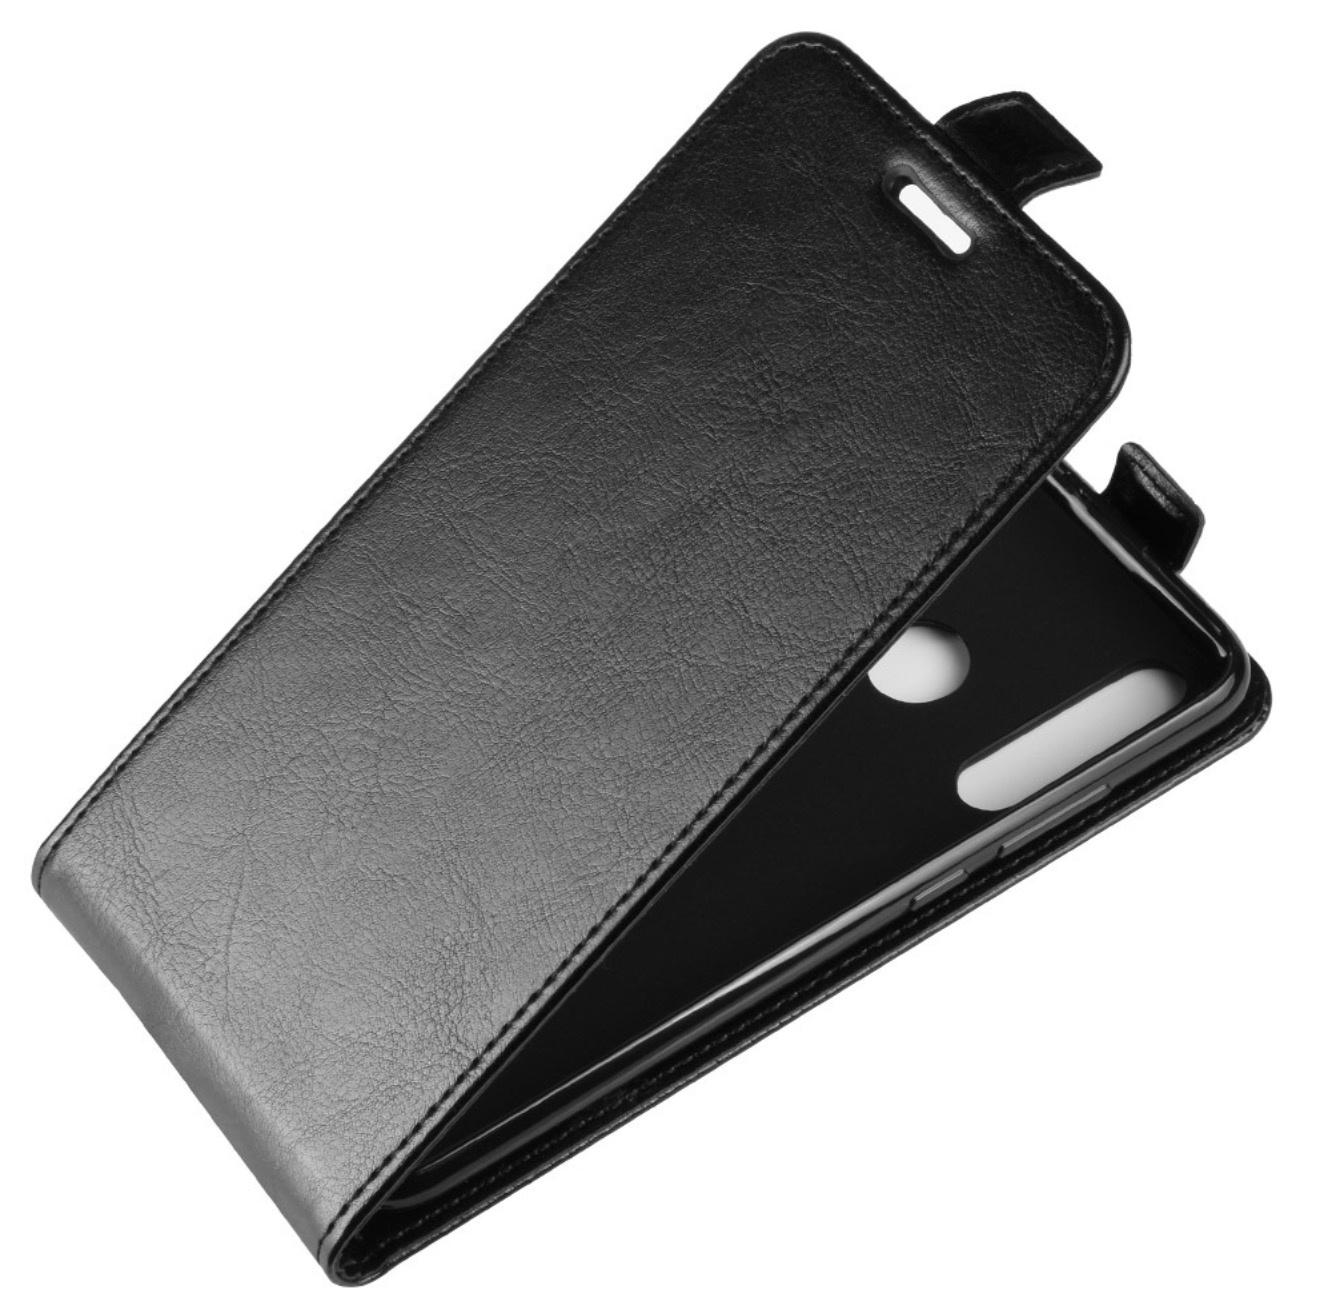 Чехол-флип MyPads для Sony Xperia X / X Dual 5.0 (F5121 / F5122) вертикальный откидной черный цена